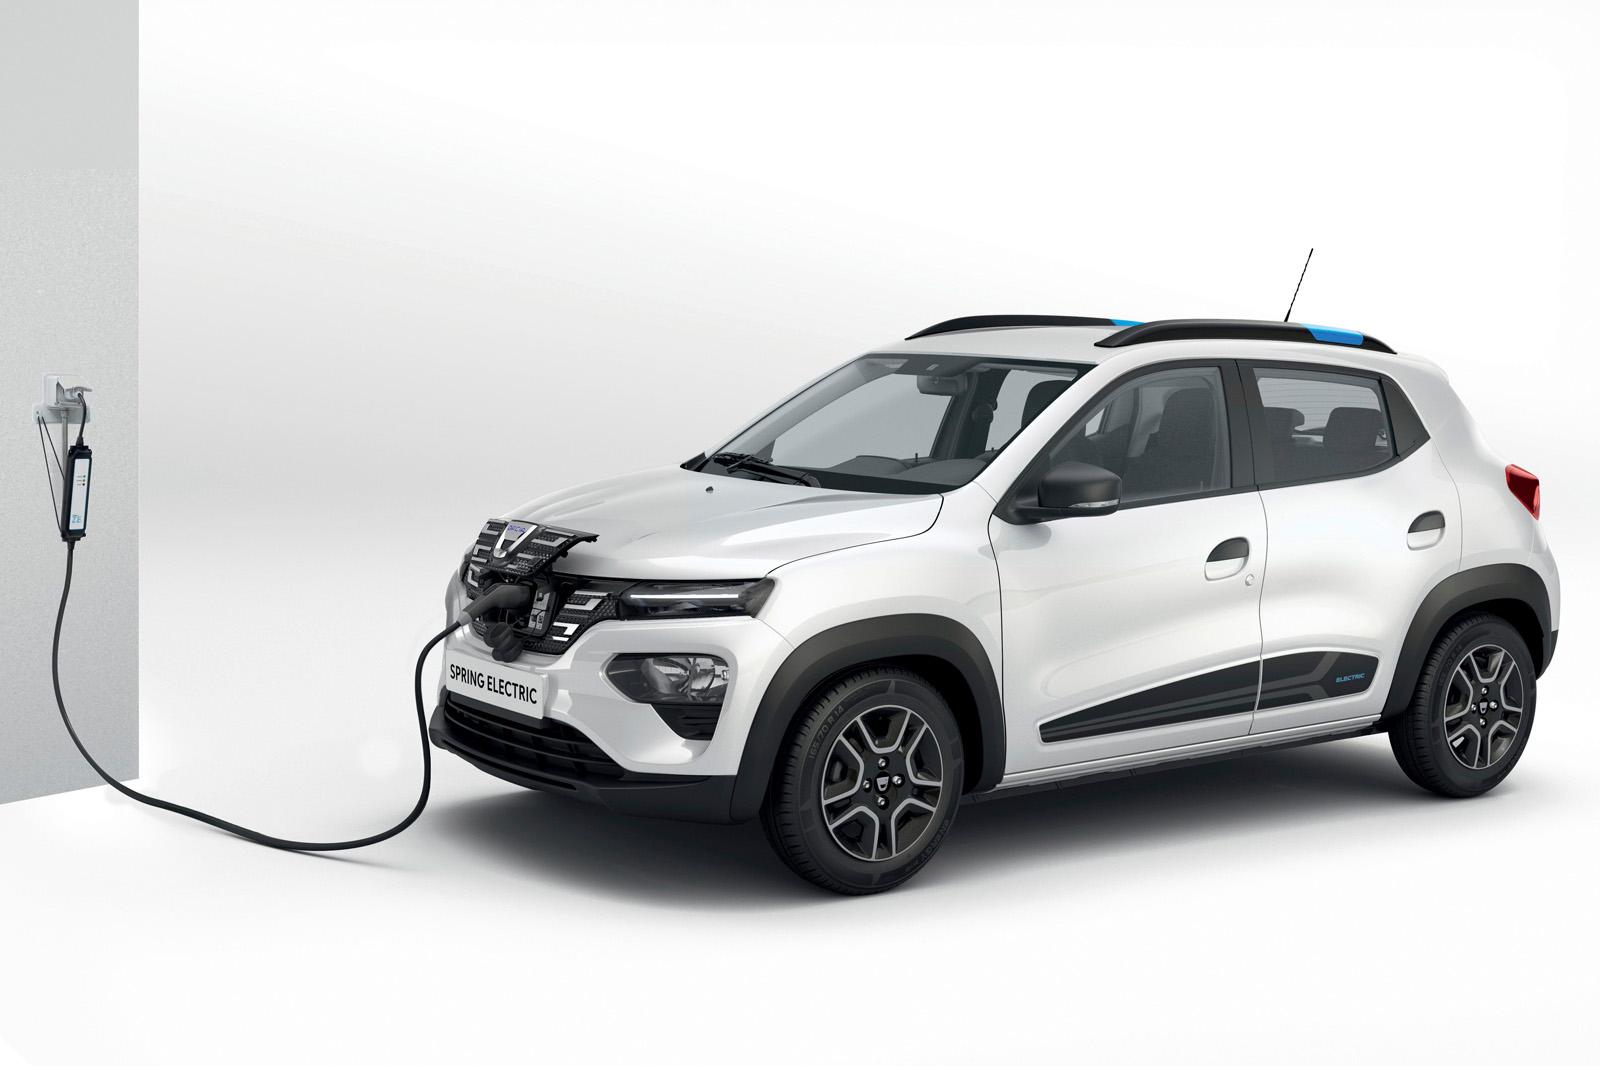 Хэтчбек Renault Kwid с бензиновым двигателем появился в Индии ещё в 2015-м. Через пару лет он добрался до Южной Америки, а год назад – уже с электромотором – появился в Китае как Renault City K-ZE. На очереди – европейский рынок: электрокар показан здесь под именем Dacia Spring.